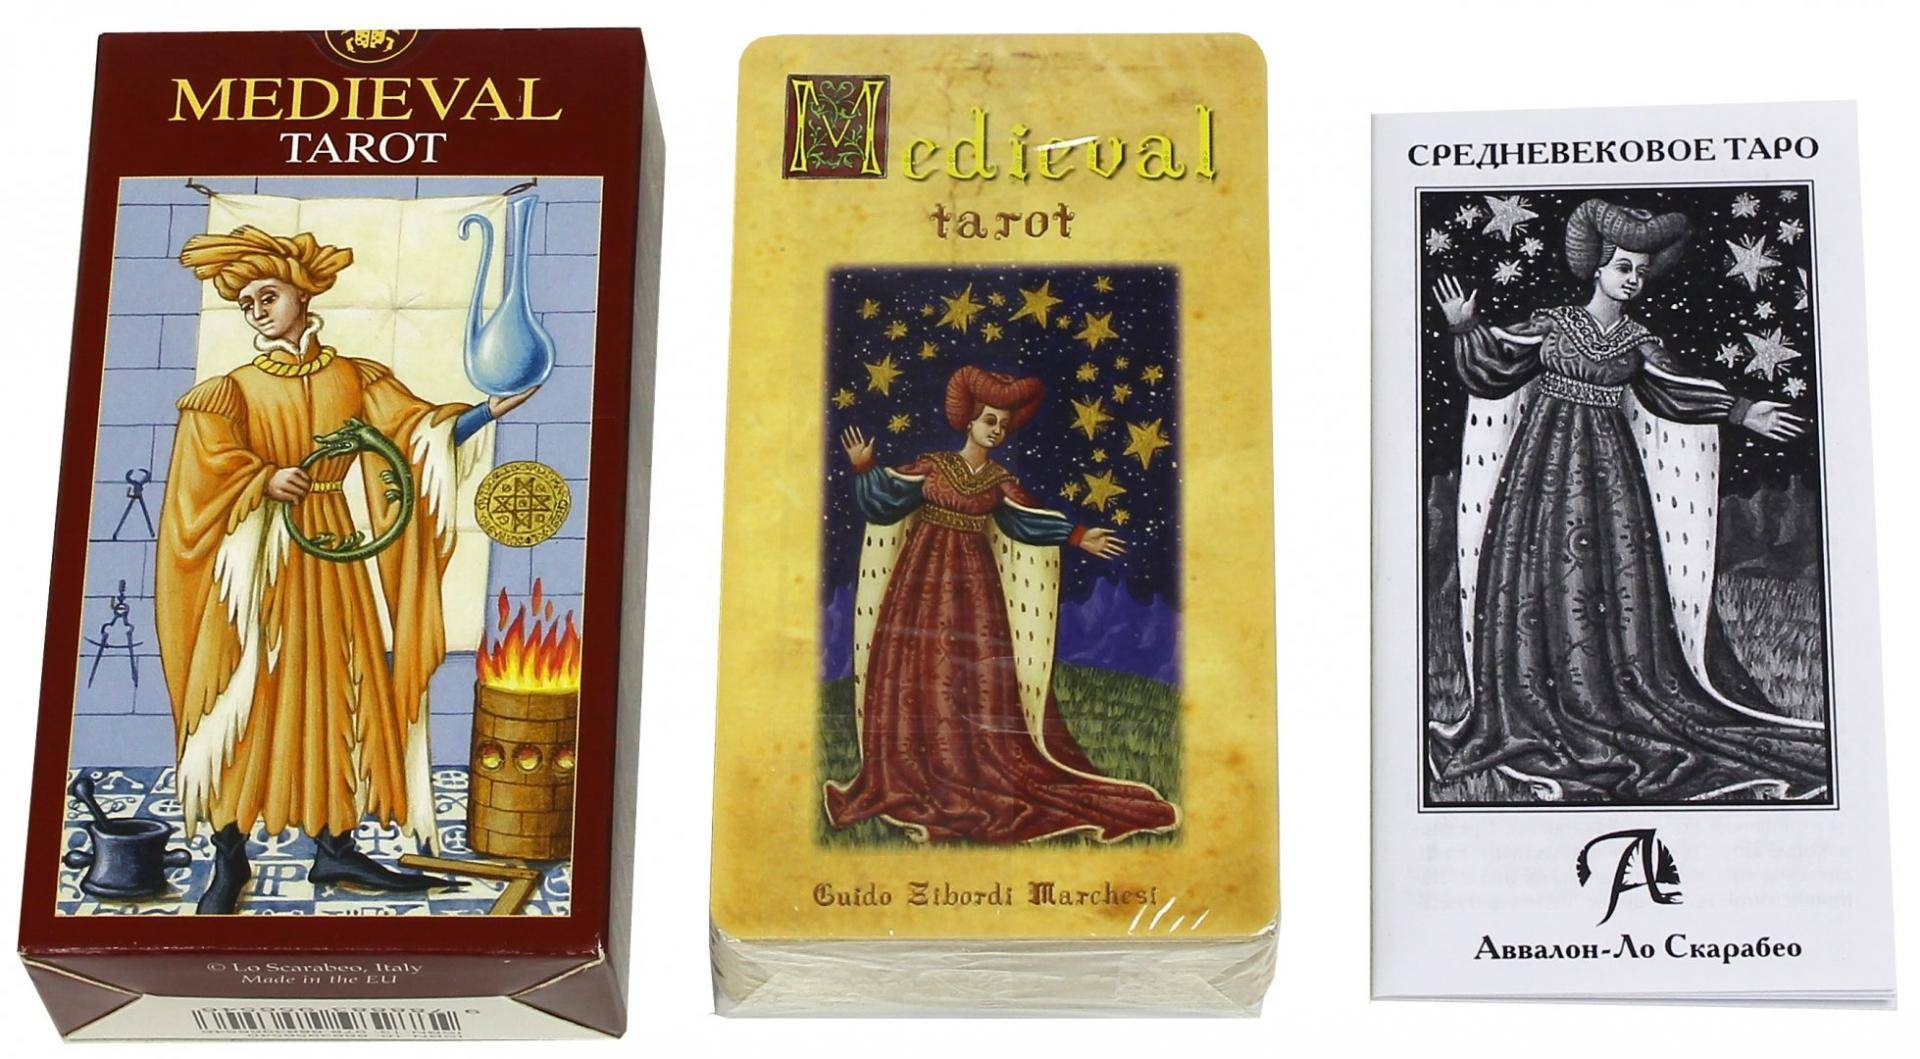 Колода «Средневековое Таро» — работа Гуидо Зиборди